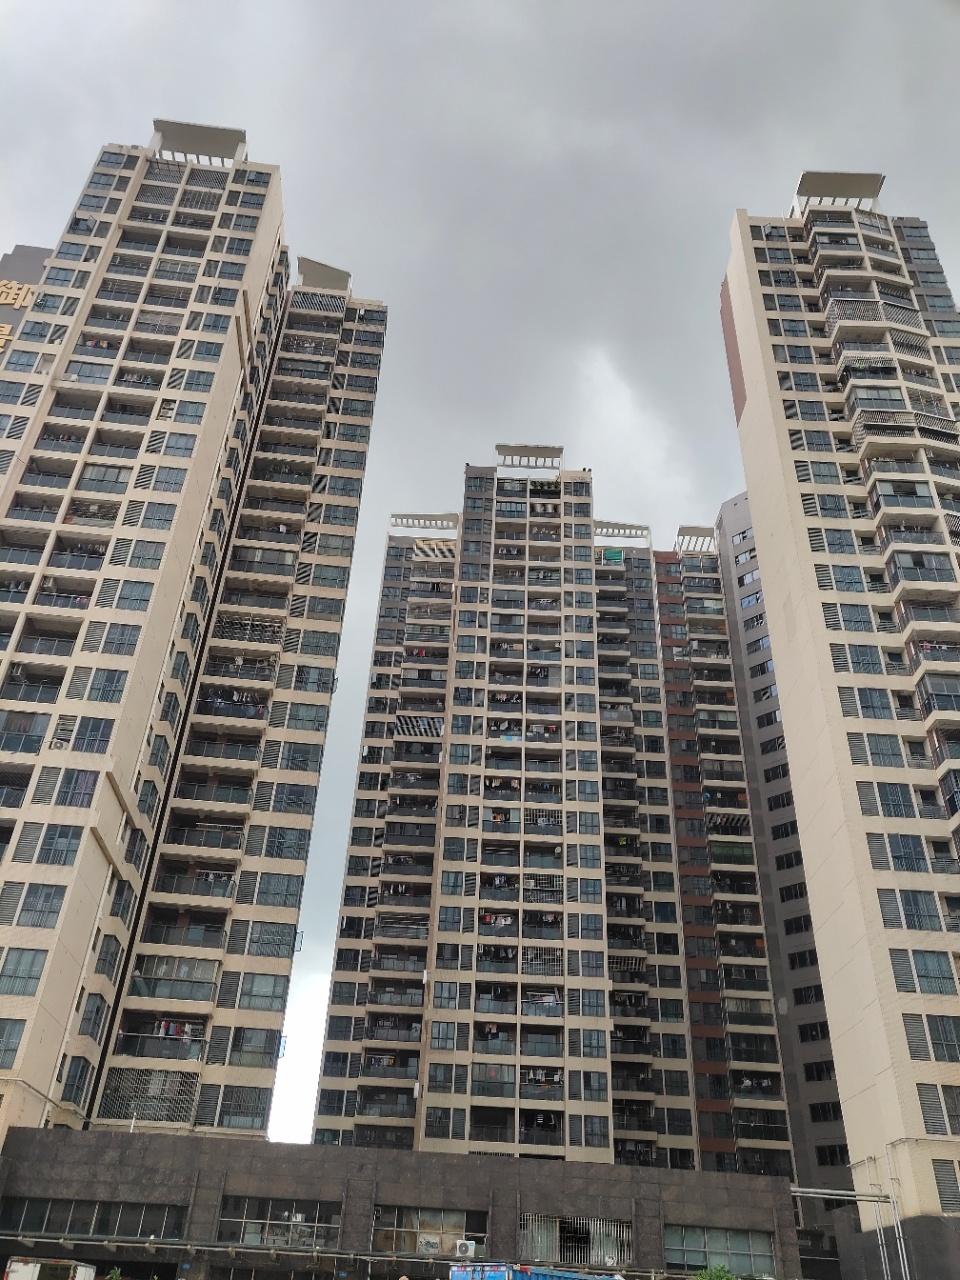 光明【御景新城】村委统建 5栋 二梯4户 地下停车场